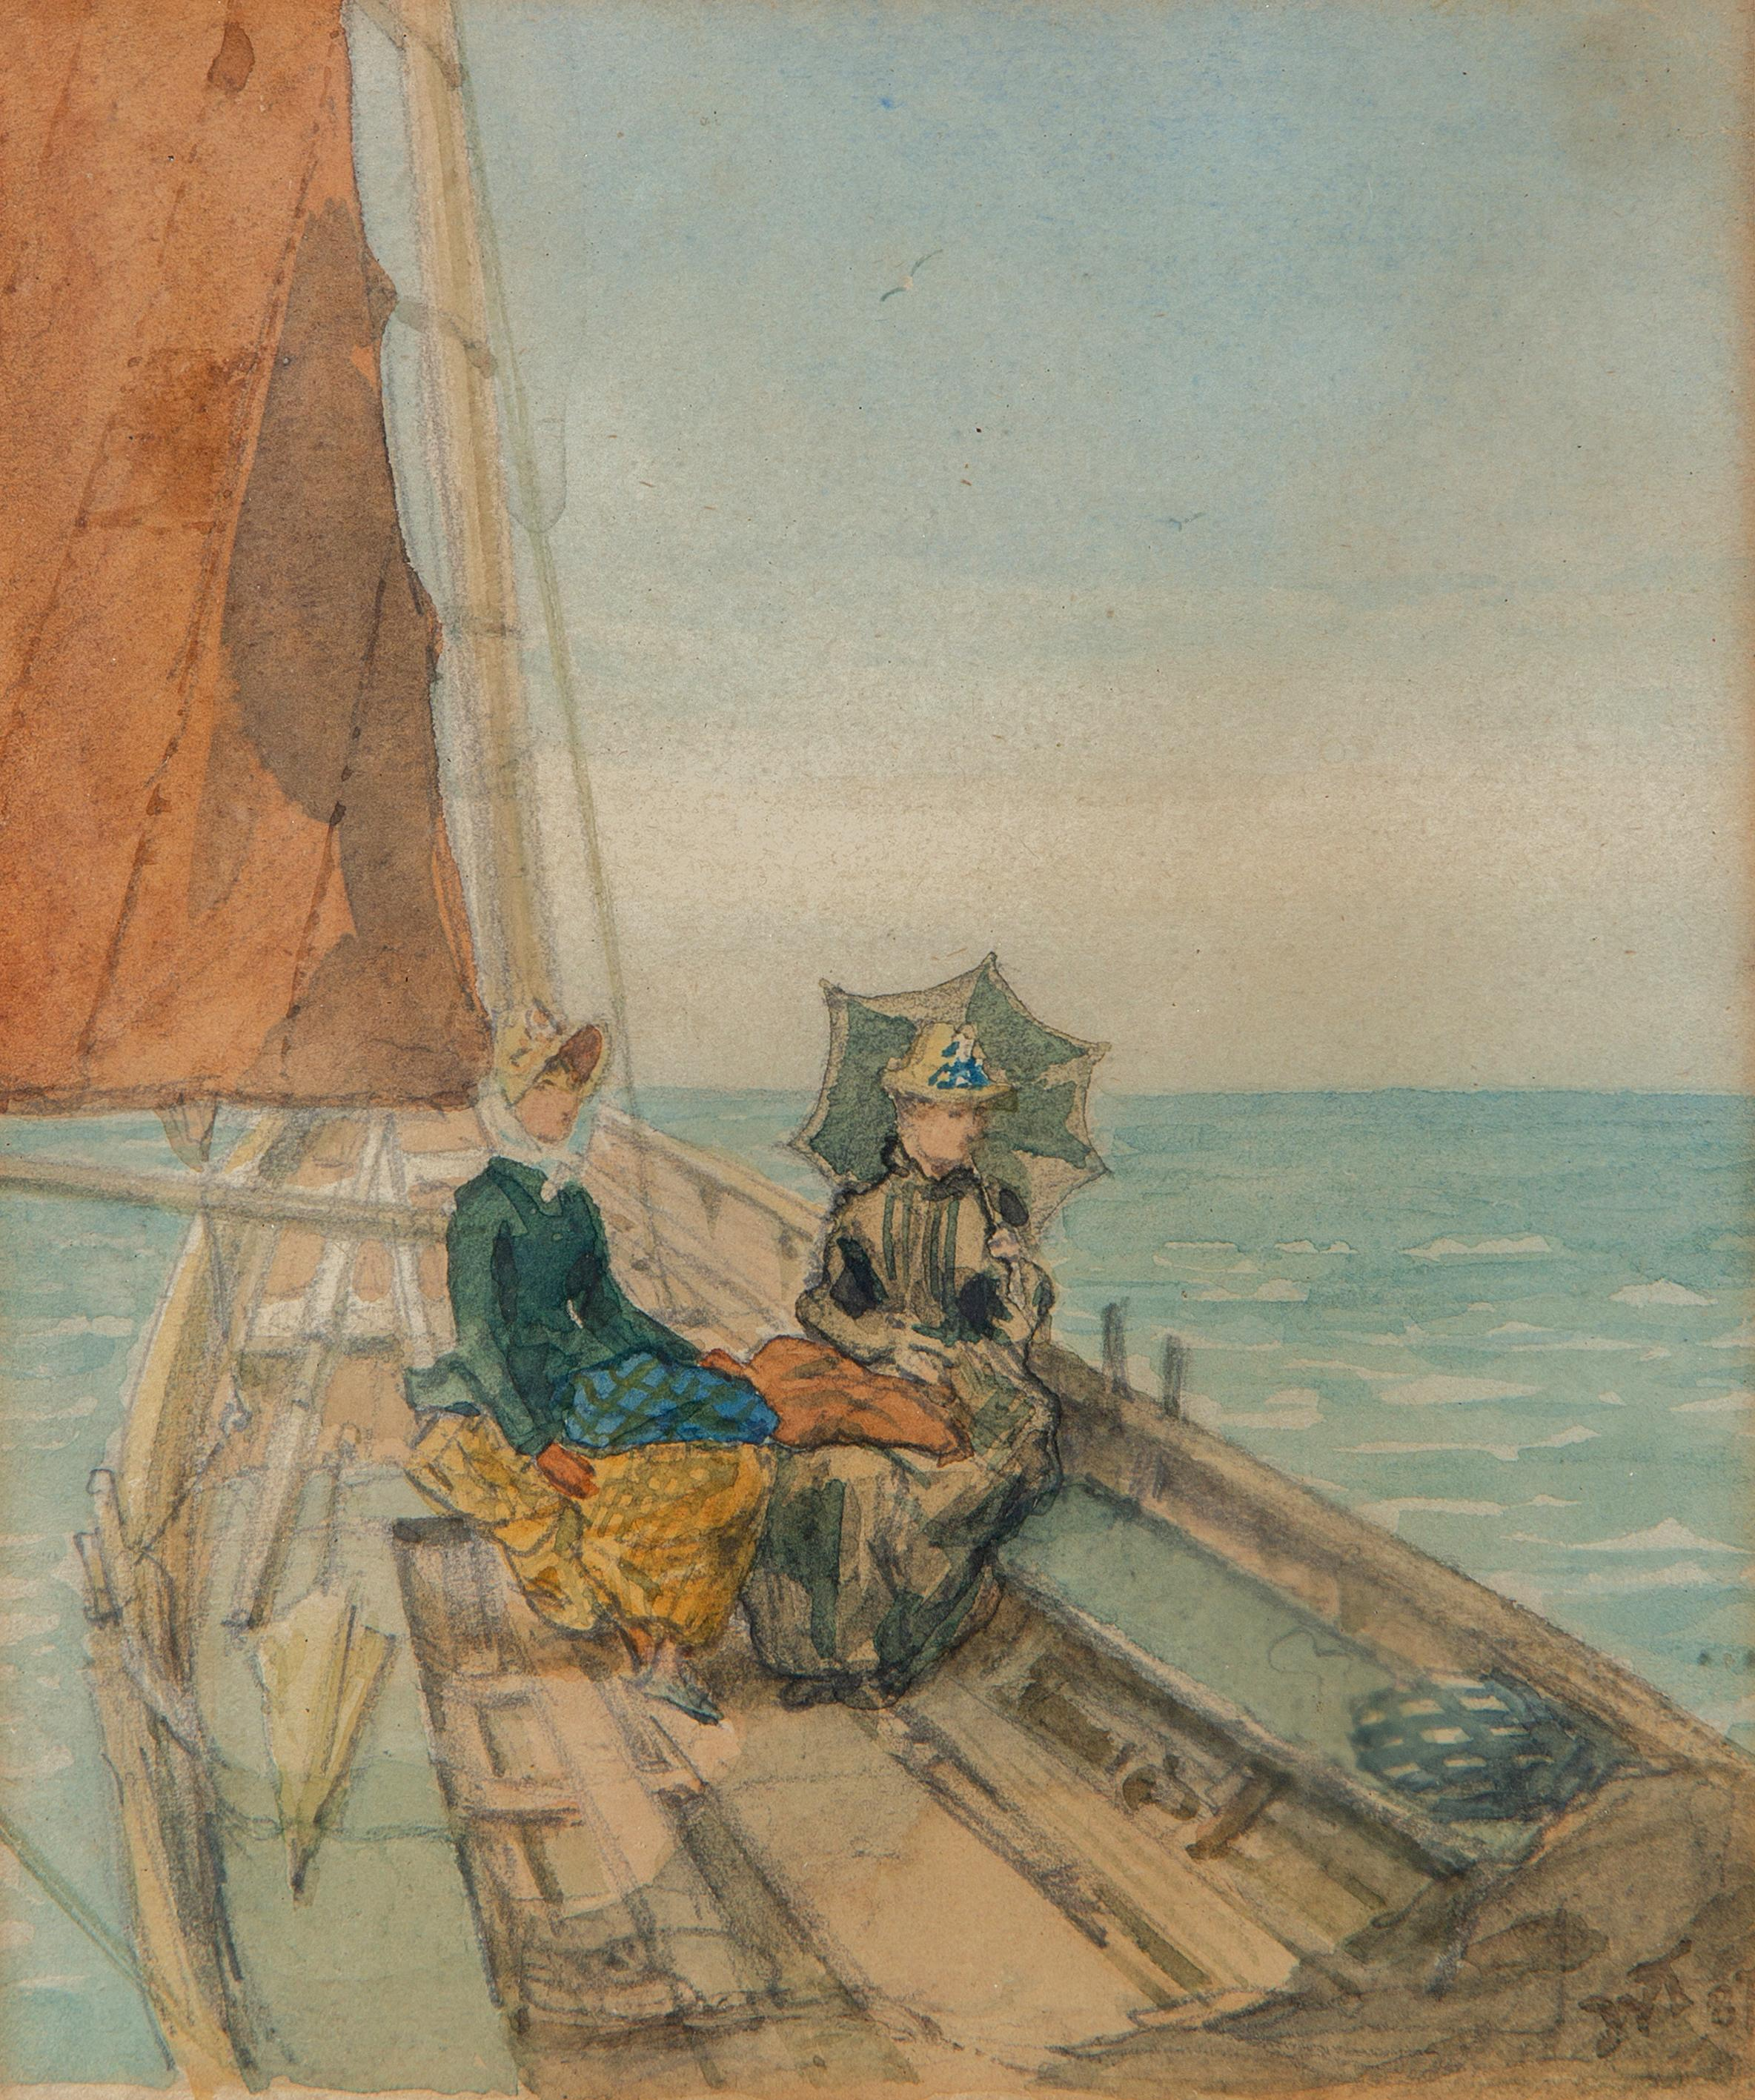 Two elegant ladies enjoying a day at sea